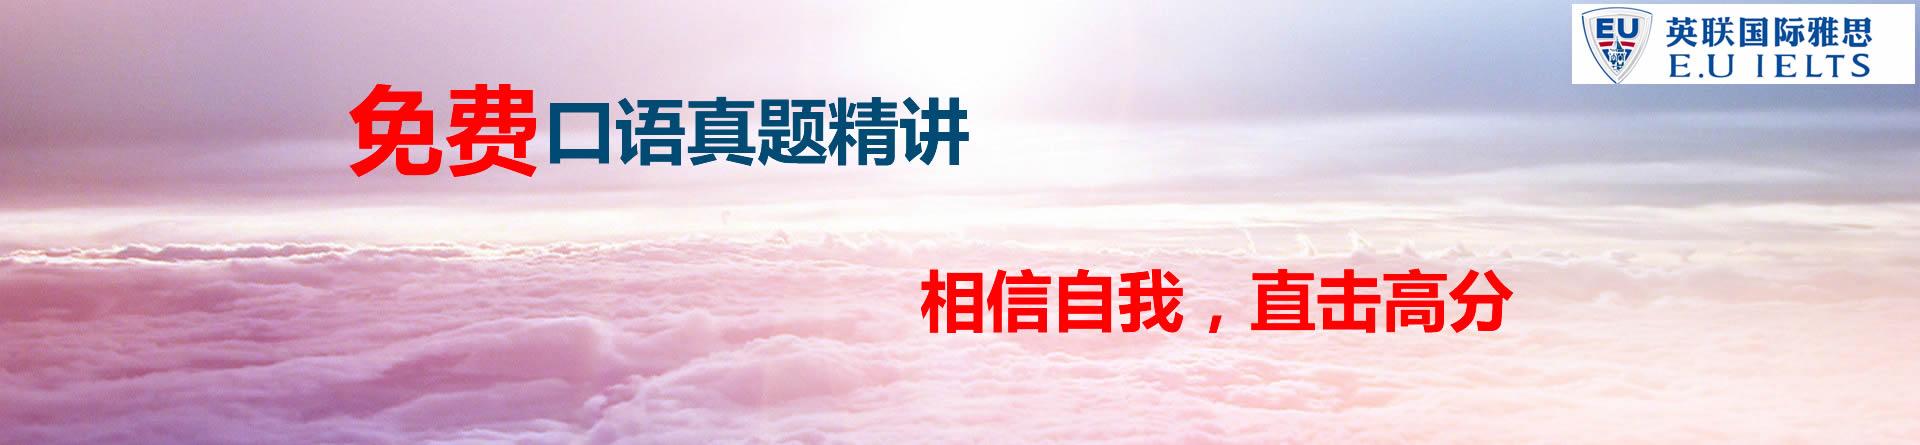 郑州英联国际雅思